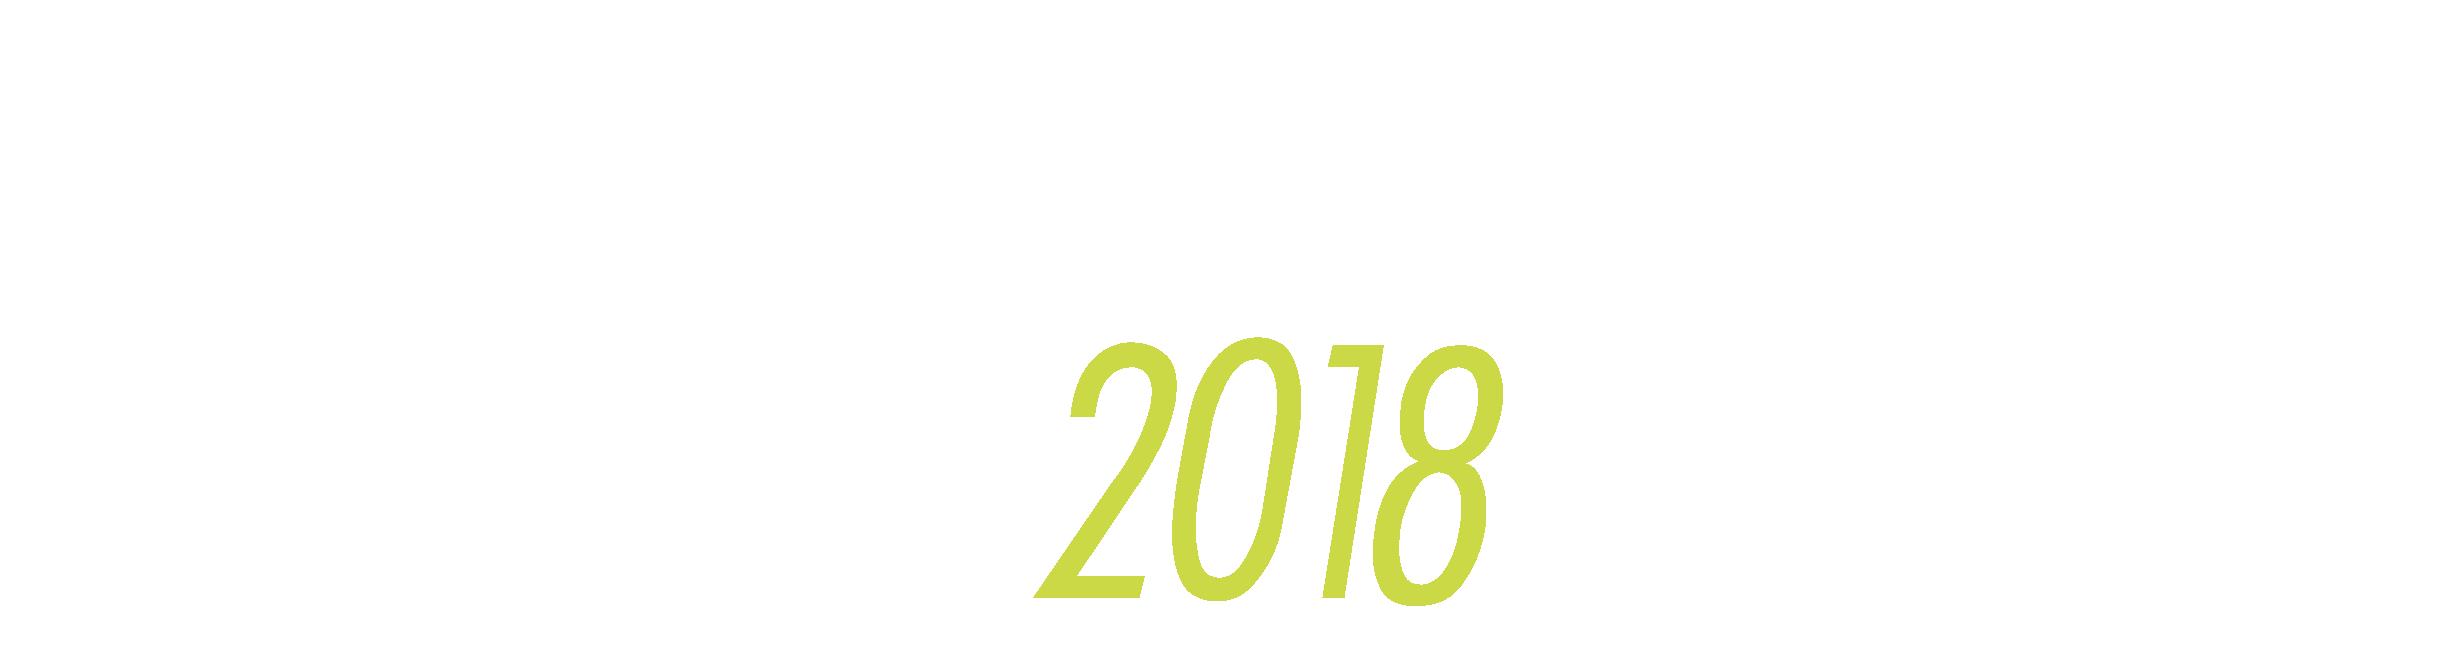 Sommer Fußballtrainingslager Peine 2018